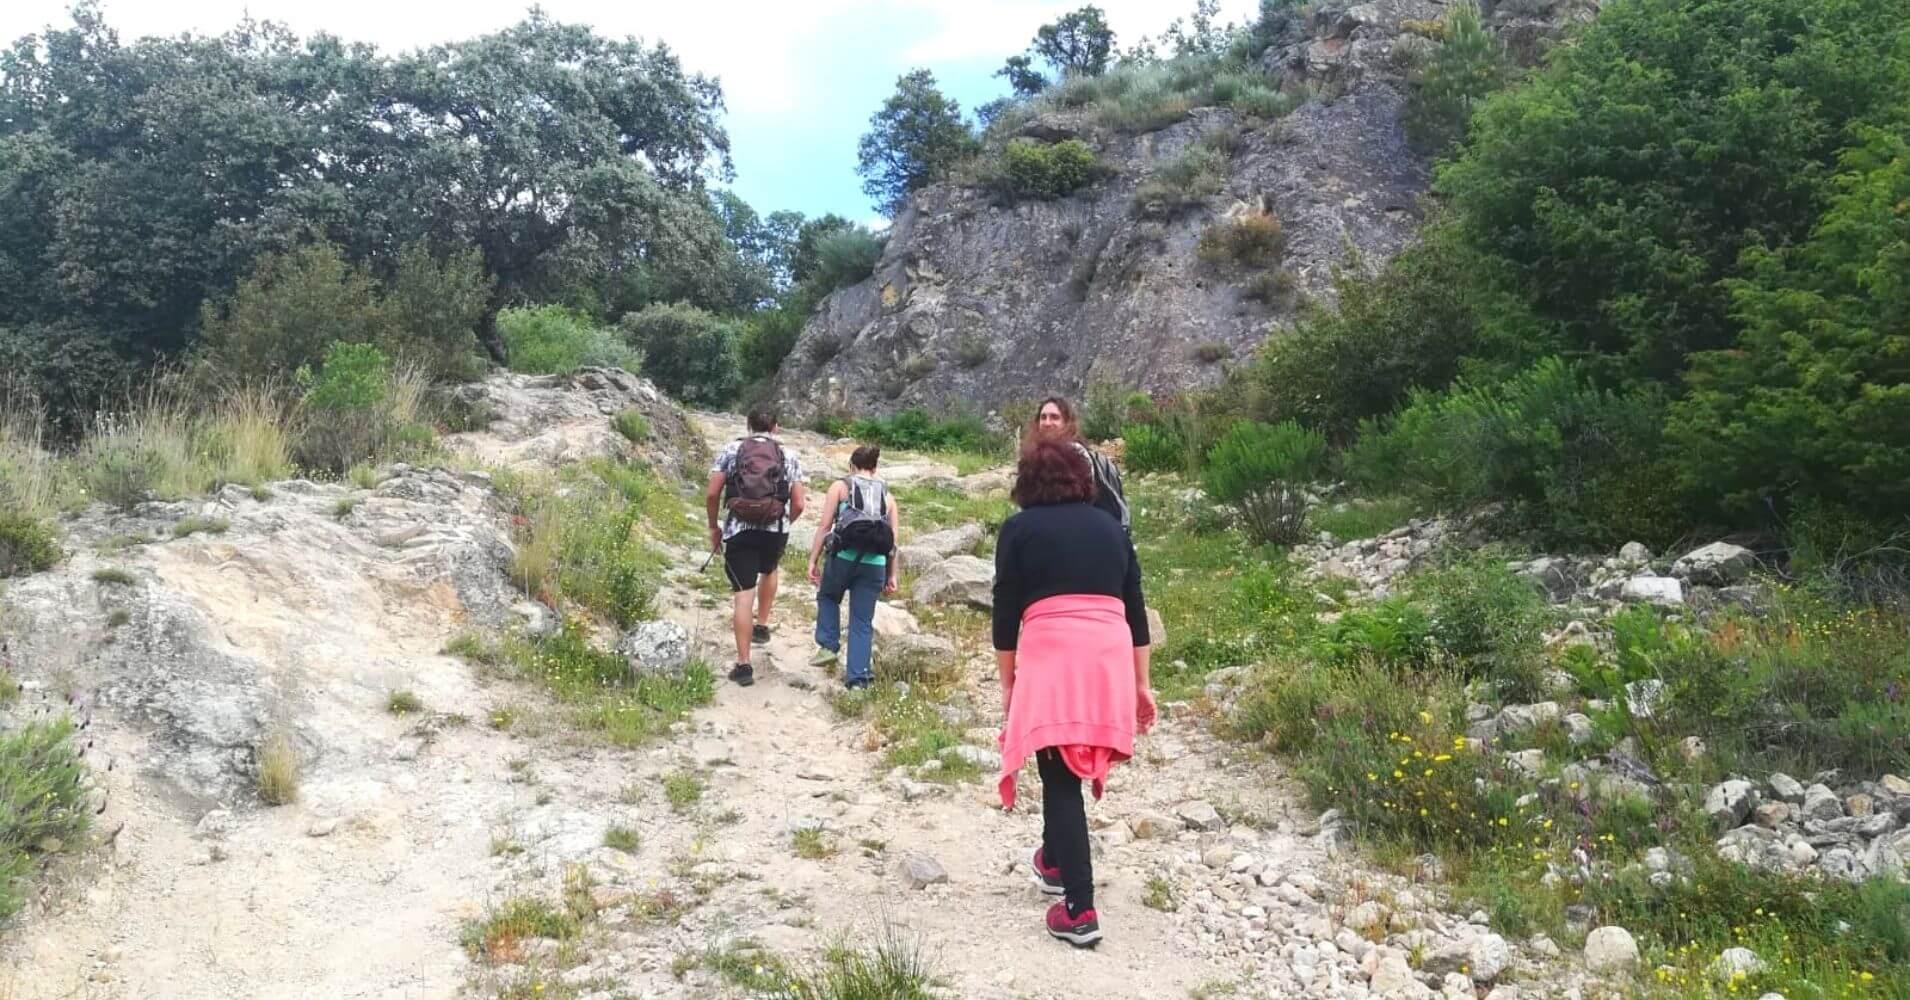 Ruta Senda de Pescadores. SL AV 3. Candeleda, Castilla y León.